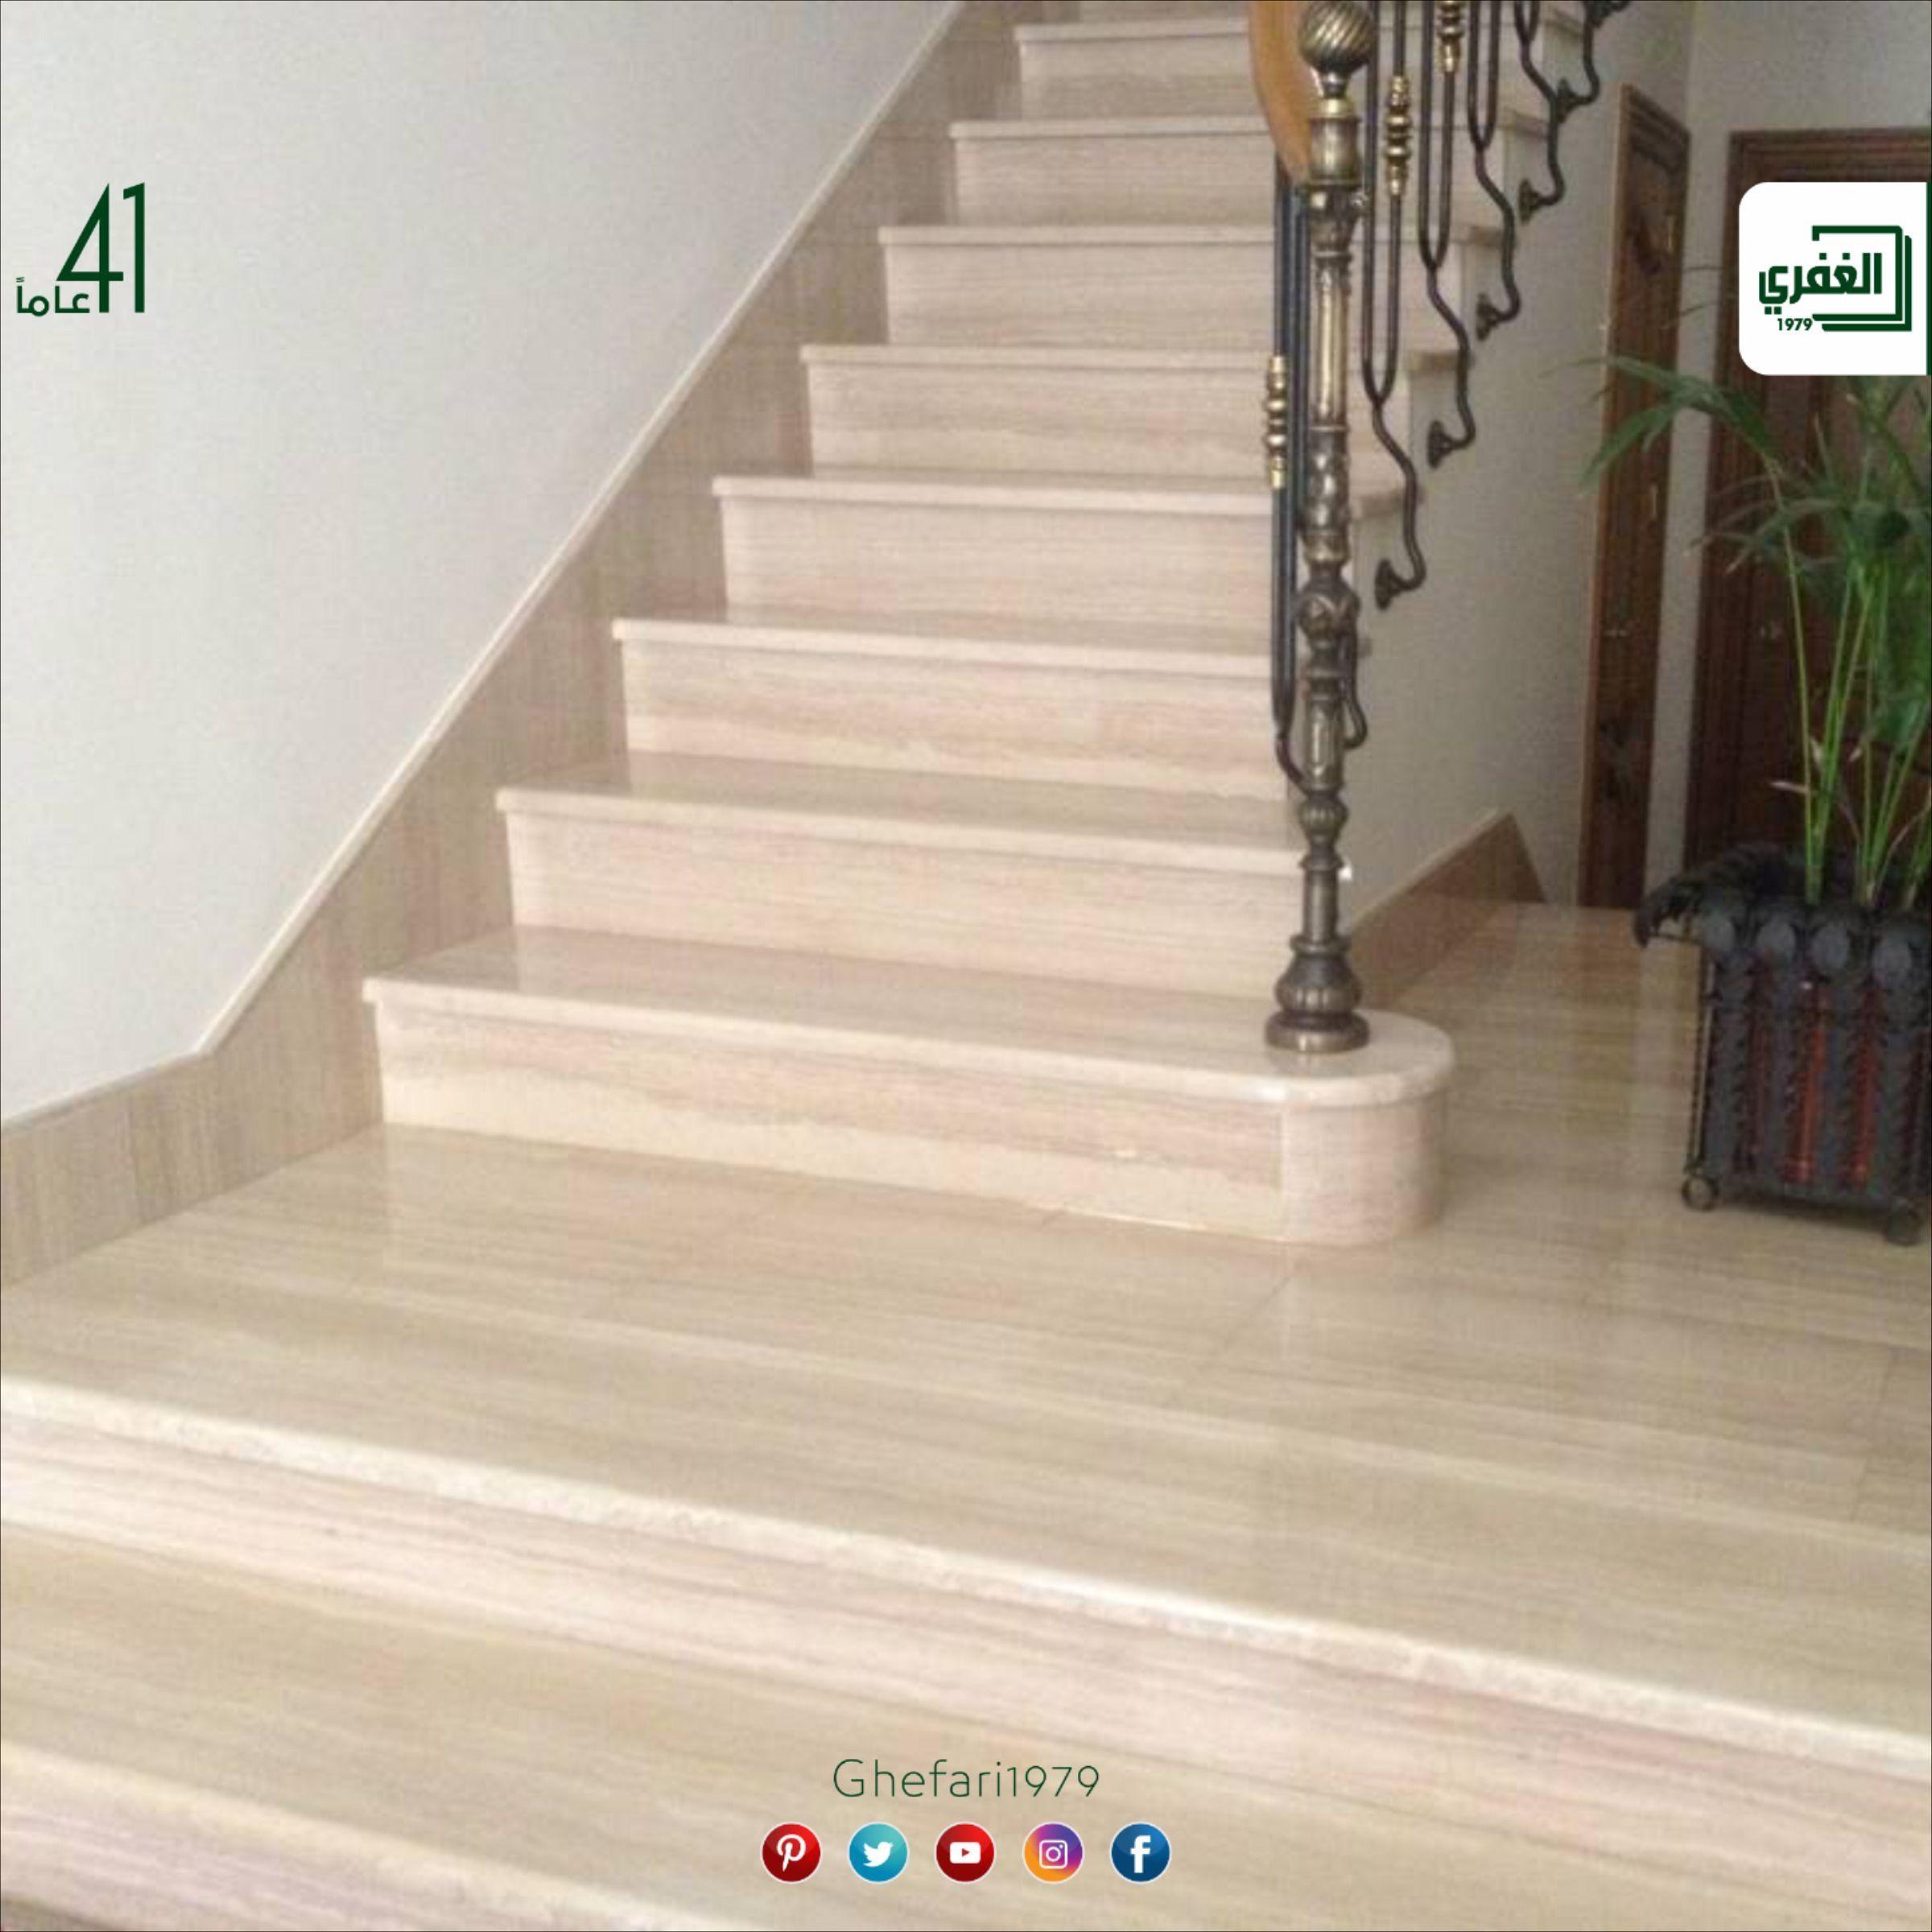 الان لدى شركة الغفري للاستيراد والتسويق درج رخام طبيعي سلفيا أخضر بسعر 49 شيكل للدرجة العرض حتى نفاذ الكمية للمزيد زورونا على موقع Marble Stairs Stairs Marble